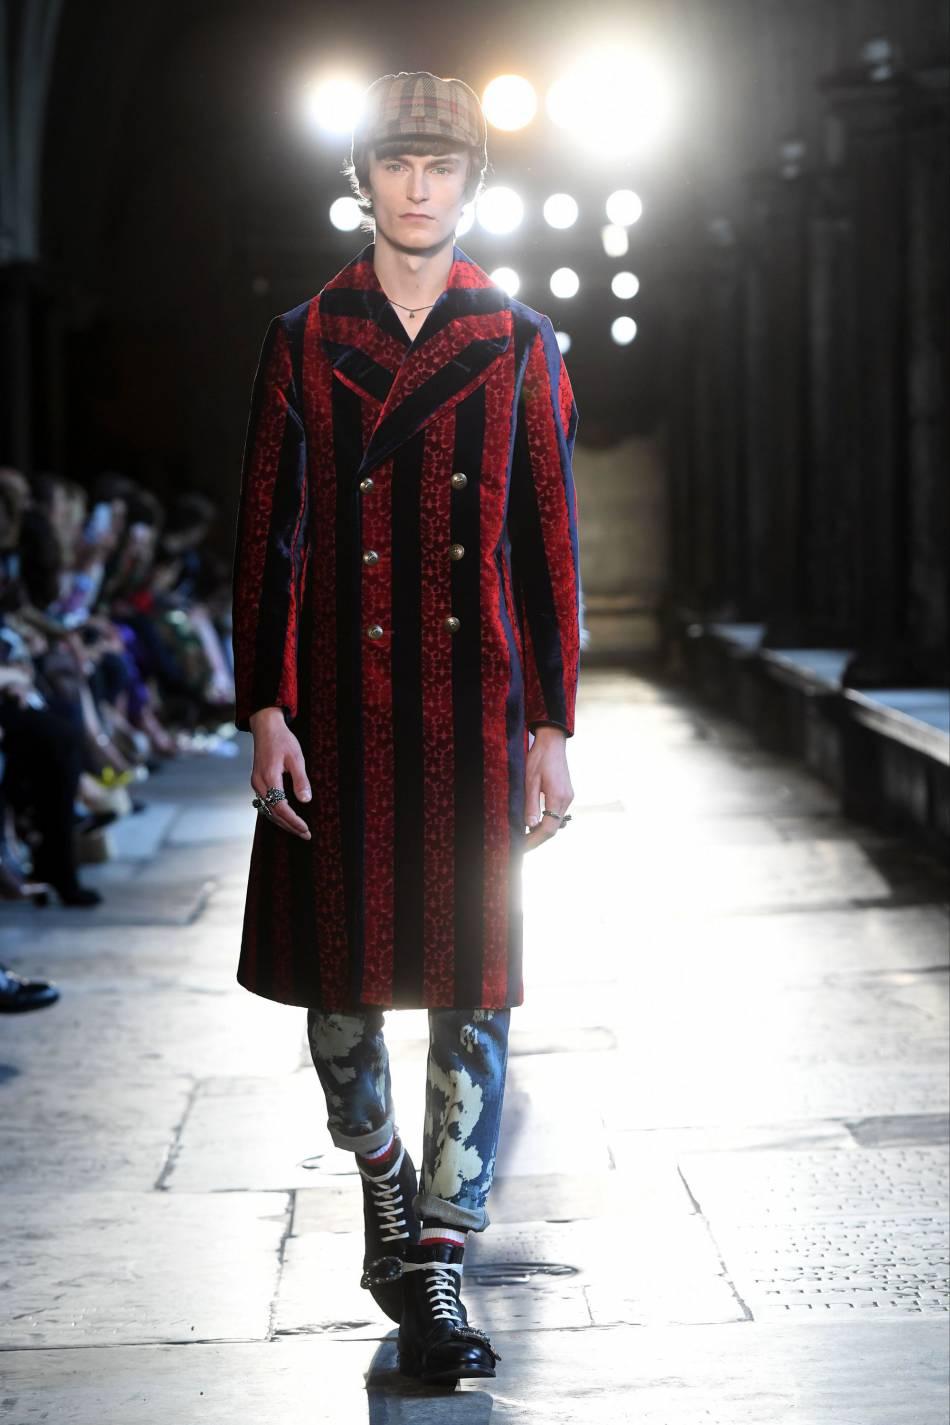 Le manteau d'homme avec ses rayures verticales est d'une élégance rare.